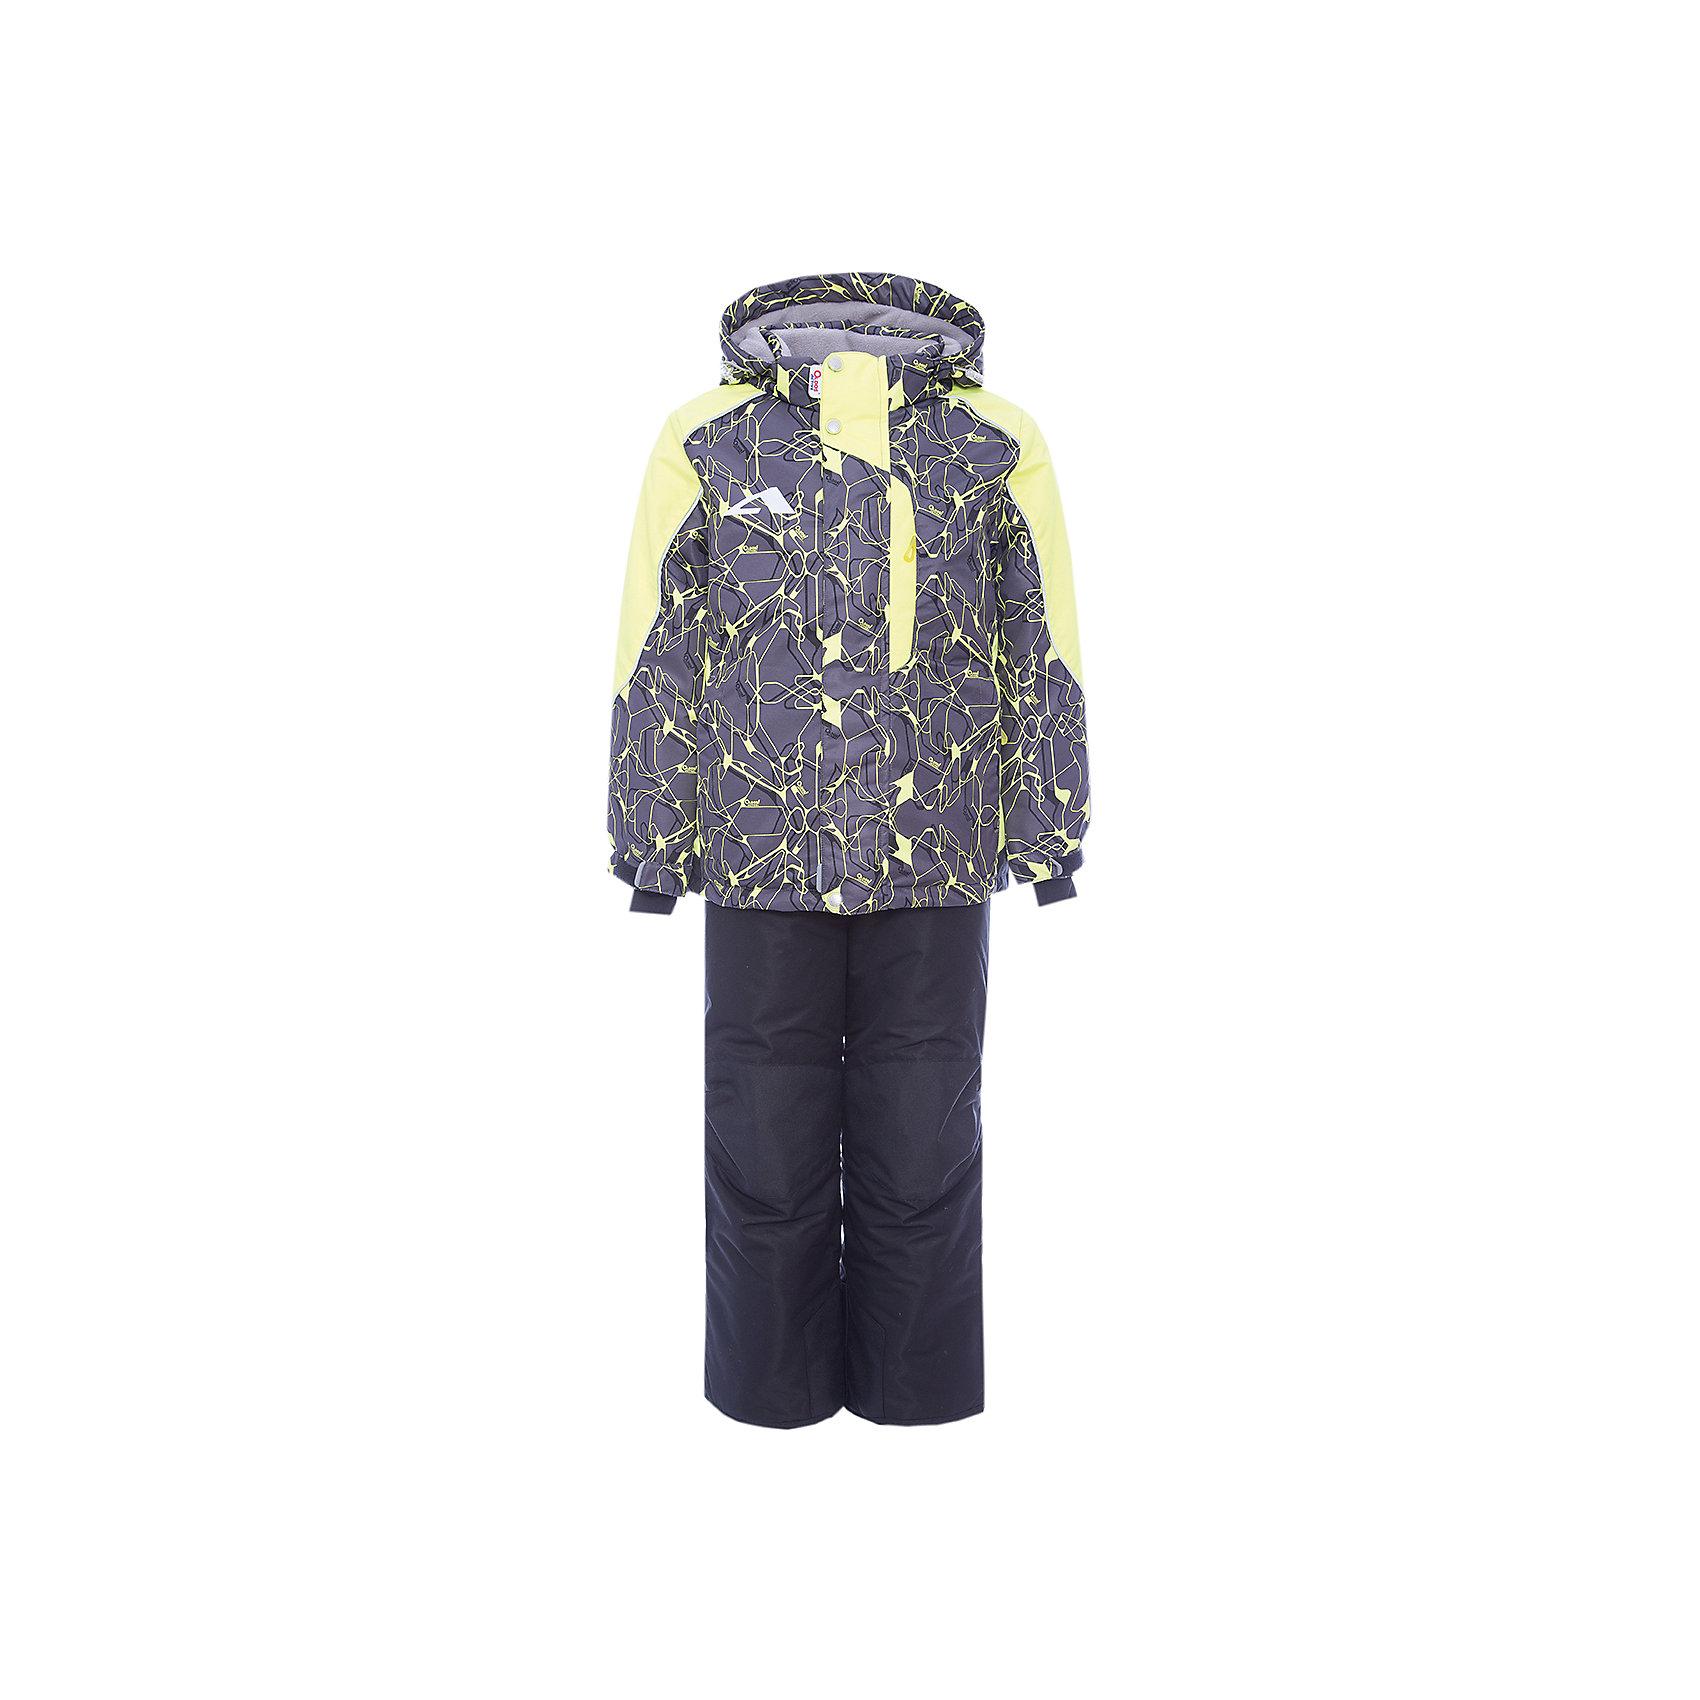 Комплект: куртка и полукомбинезон Нерон OLDOS для мальчикаВерхняя одежда<br>Характеристики товара:<br><br>• цвет: серый<br>• комплектация: куртка и полукомбинезон<br>• состав ткани: полиэстер, Teflon<br>• подкладка: флис<br>• утеплитель: Hollofan pro<br>• сезон: зима<br>• мембранное покрытие<br>• температурный режим: от -30 до +5<br>• водонепроницаемость: 5000 мм <br>• паропроницаемость: 5000 г/м2<br>• плотность утеплителя: куртка - 200 г/м2, полукомбинезон - 150 г/м2<br>• застежка: молния<br>• капюшон: без меха, съемный<br>• полукомбинезон усилен износостойкими вставками<br>• страна бренда: Россия<br>• страна изготовитель: Россия<br><br>Комбинированная подкладка зимнего комплекта - флис, в рукавах и брючинах – гладкий полиэстер. Детский комплект для мальчика дополнен элементами, помогающими скорректировать размер точно под ребенка. Манжеты на рукавах этого детского комплекта регулируются по ширине, есть эластичные манжеты с отверстием для большого пальца.<br><br>Комплект: куртка и полукомбинезон Нерон Oldos (Олдос) для мальчика можно купить в нашем интернет-магазине.<br><br>Ширина мм: 356<br>Глубина мм: 10<br>Высота мм: 245<br>Вес г: 519<br>Цвет: серый<br>Возраст от месяцев: 96<br>Возраст до месяцев: 108<br>Пол: Мужской<br>Возраст: Детский<br>Размер: 134,92,98,104,110,116,122,128<br>SKU: 7016255